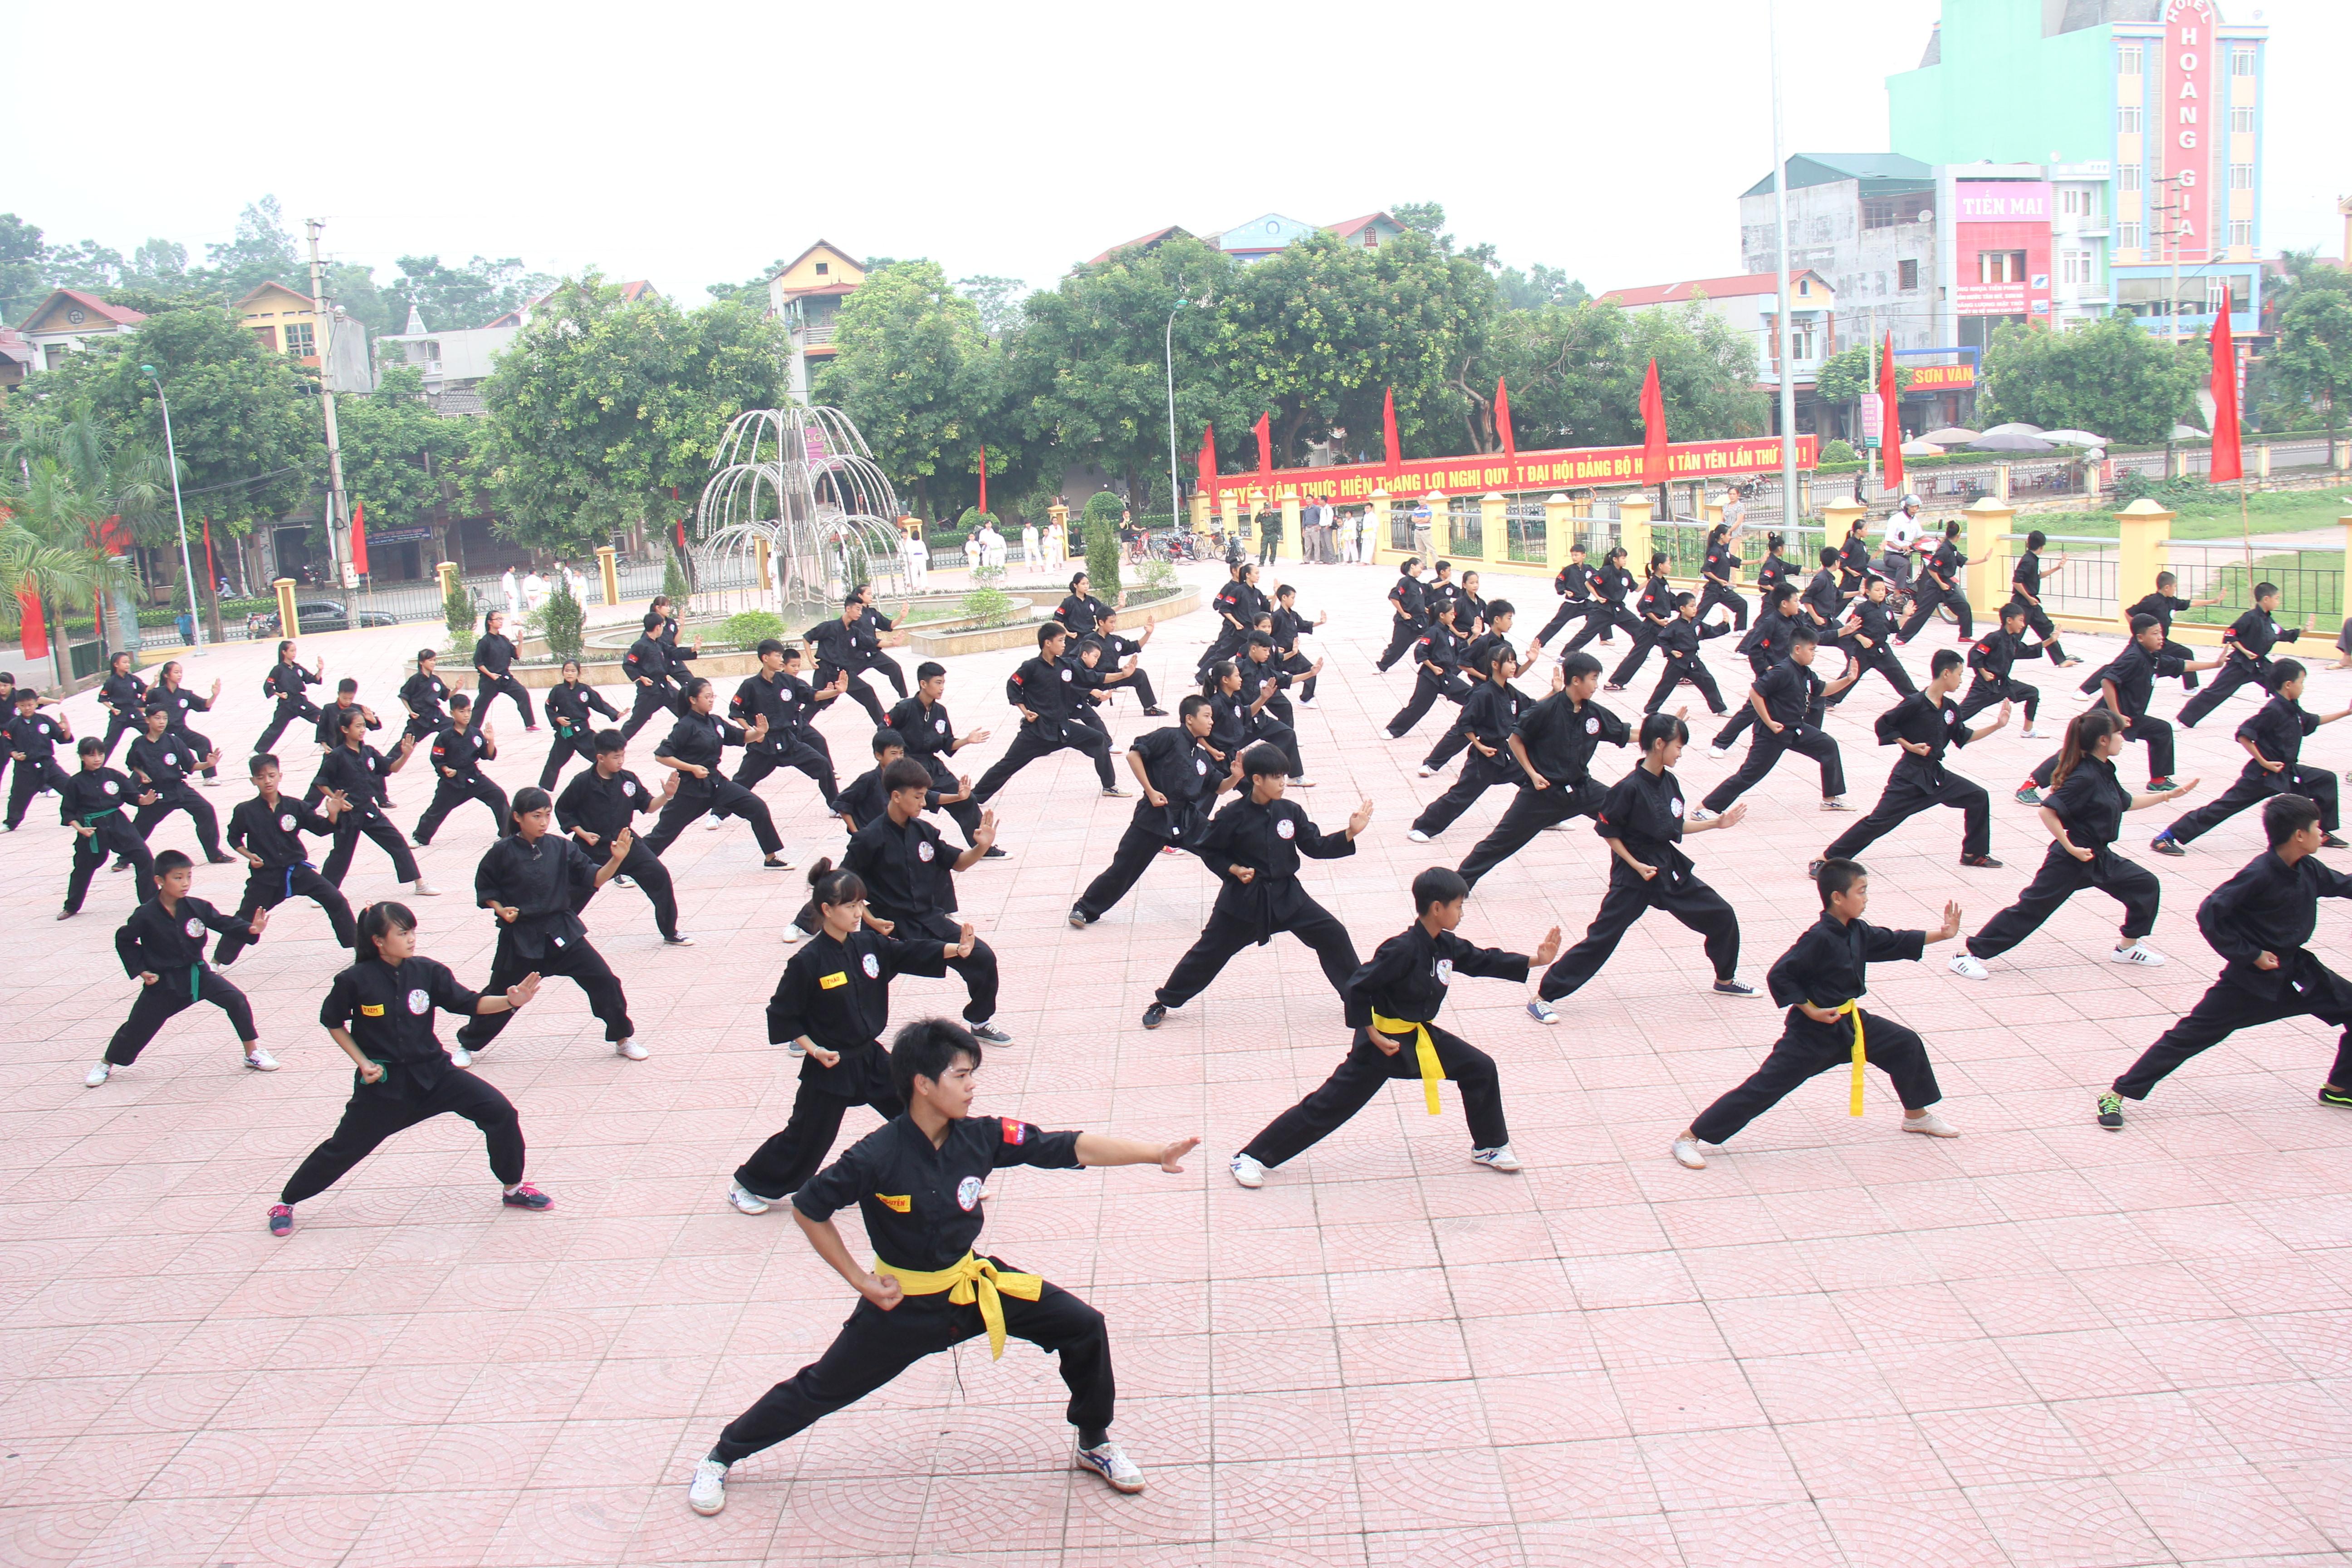 Võ thuật Tân Yên giữ vững ngôi đầu